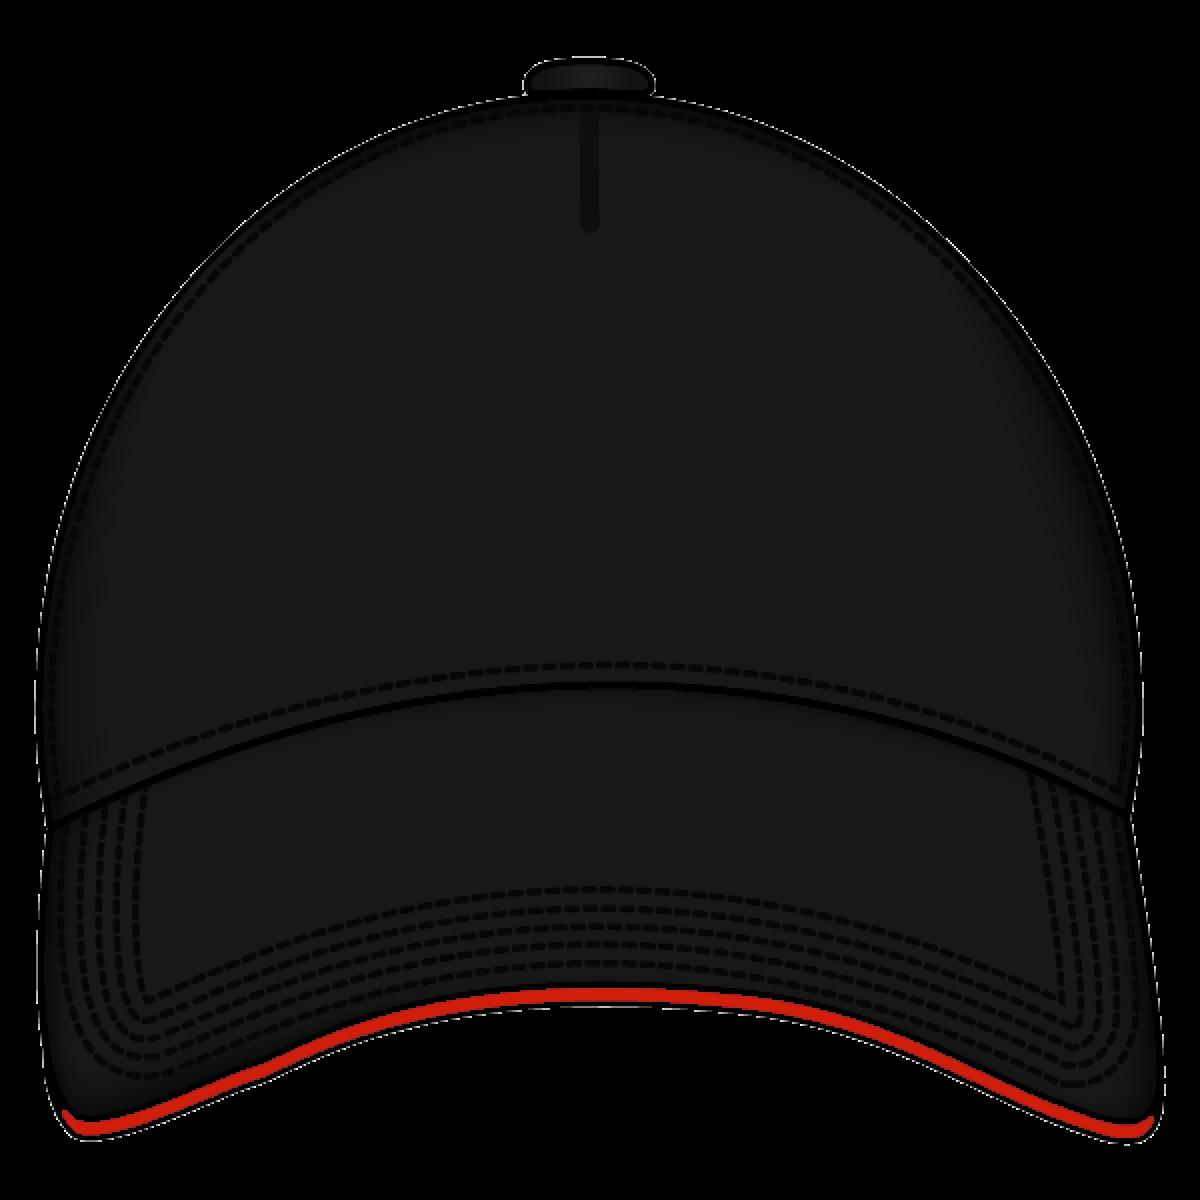 Hats clipart transparent background. Cap black front png